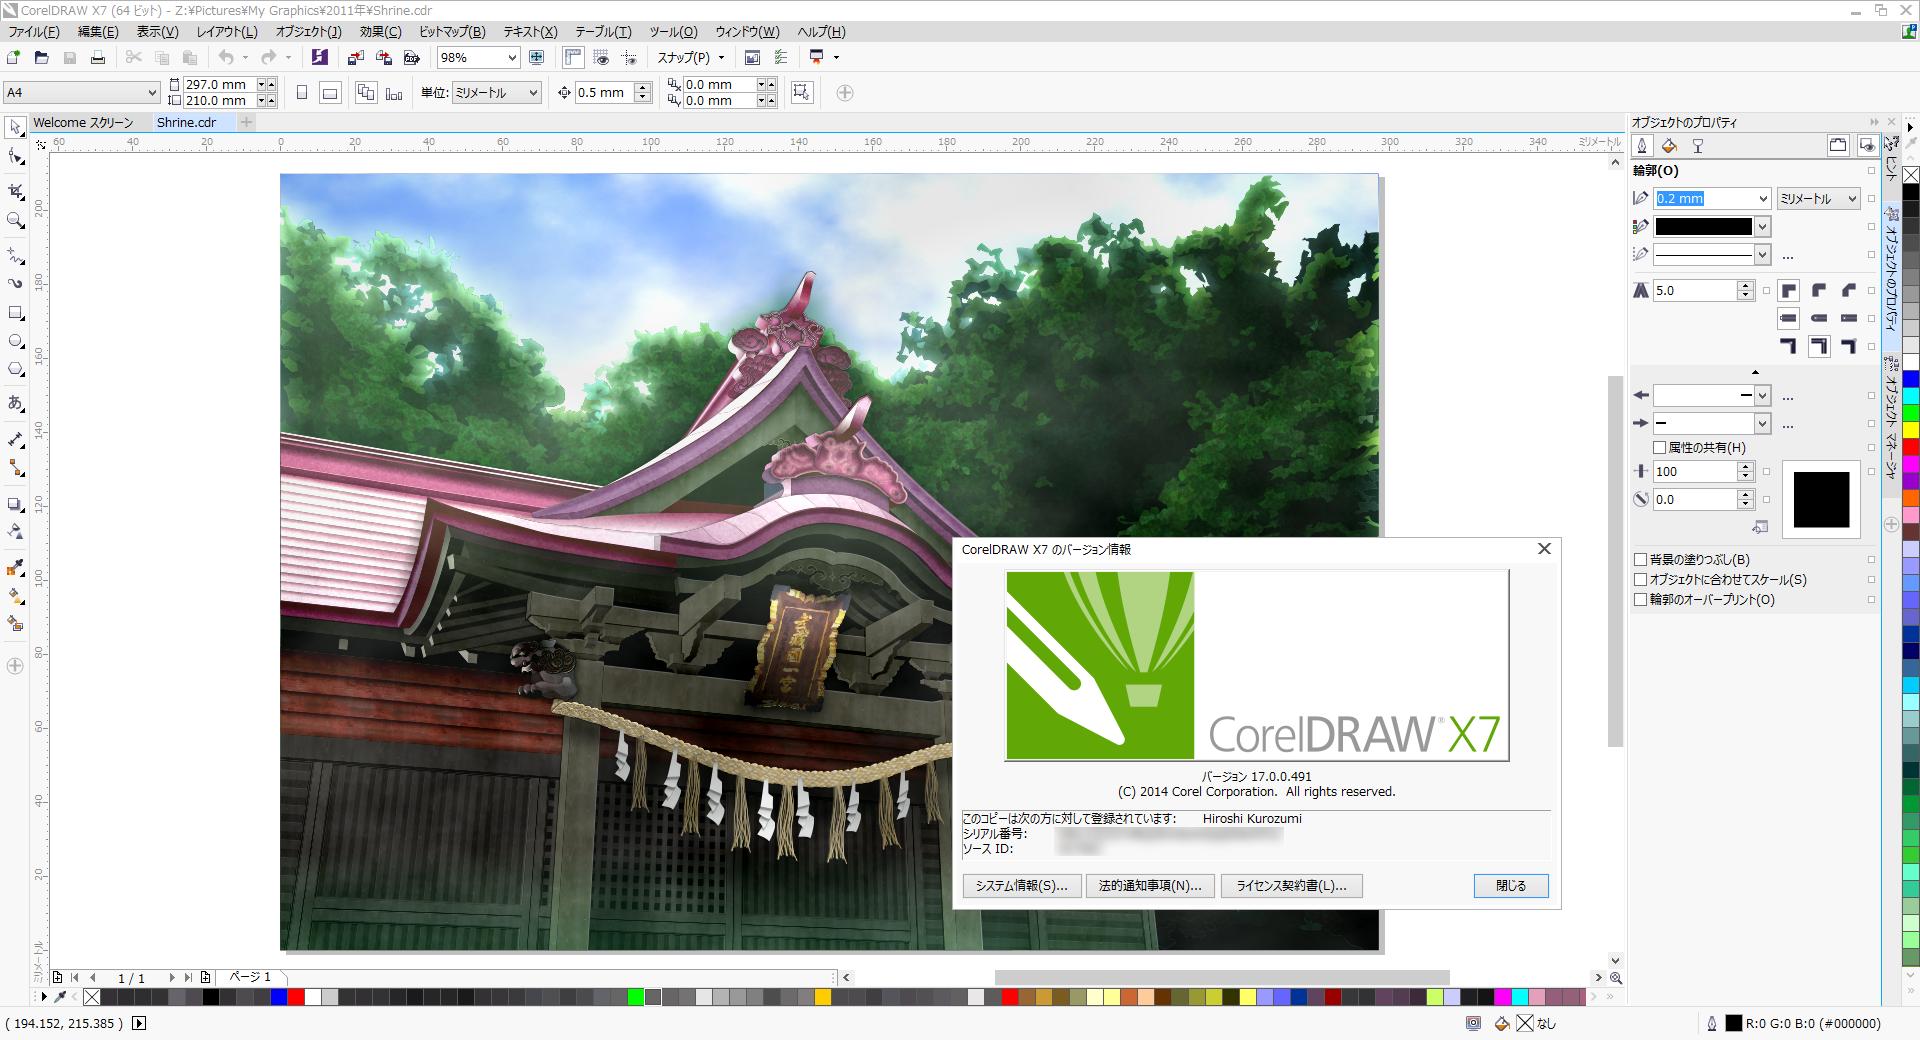 CorelDRAW X7の画面